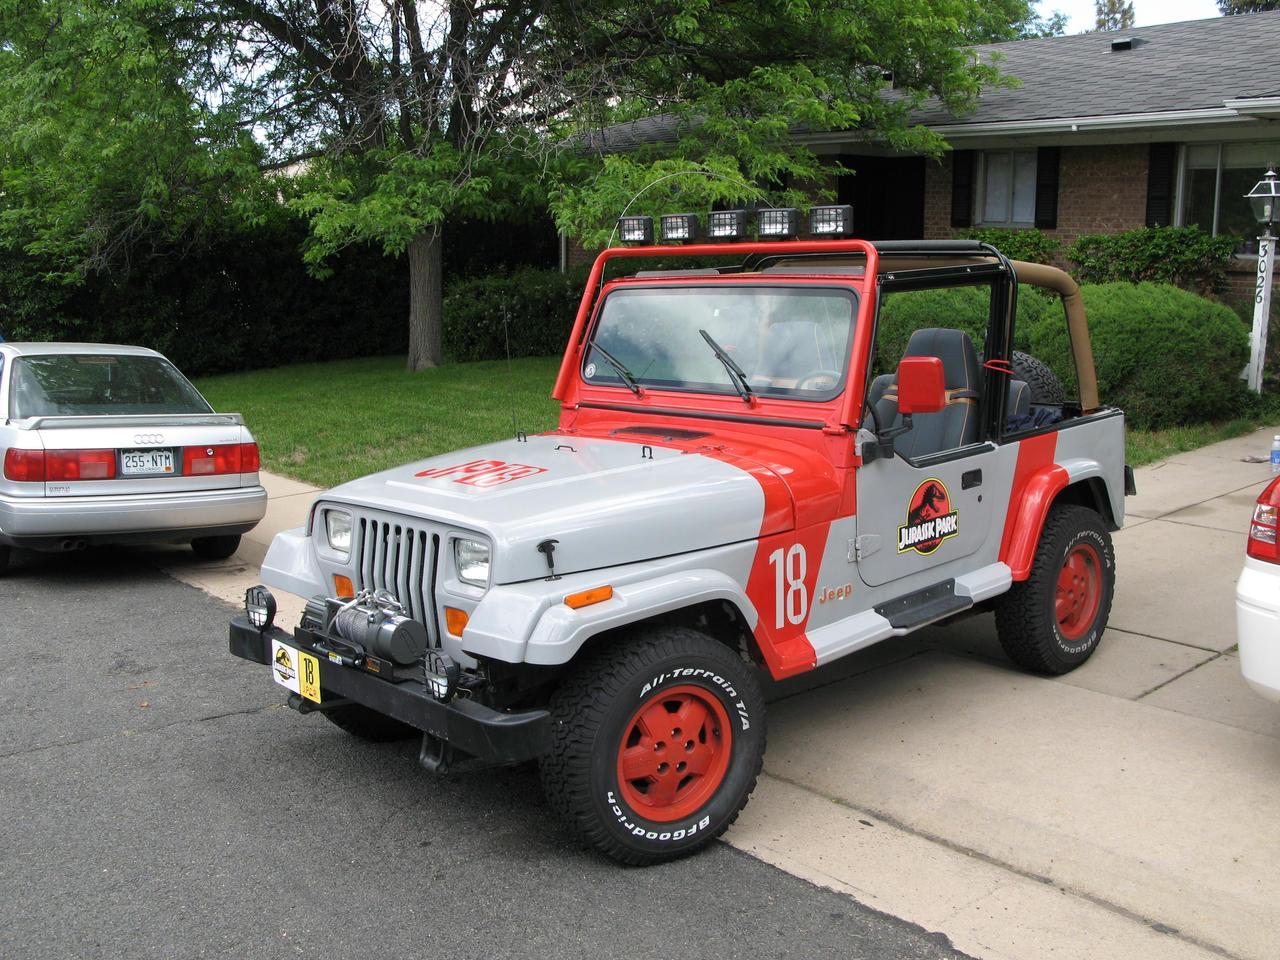 jurassic park jeep wrangler 38boomerjinks on deviantart